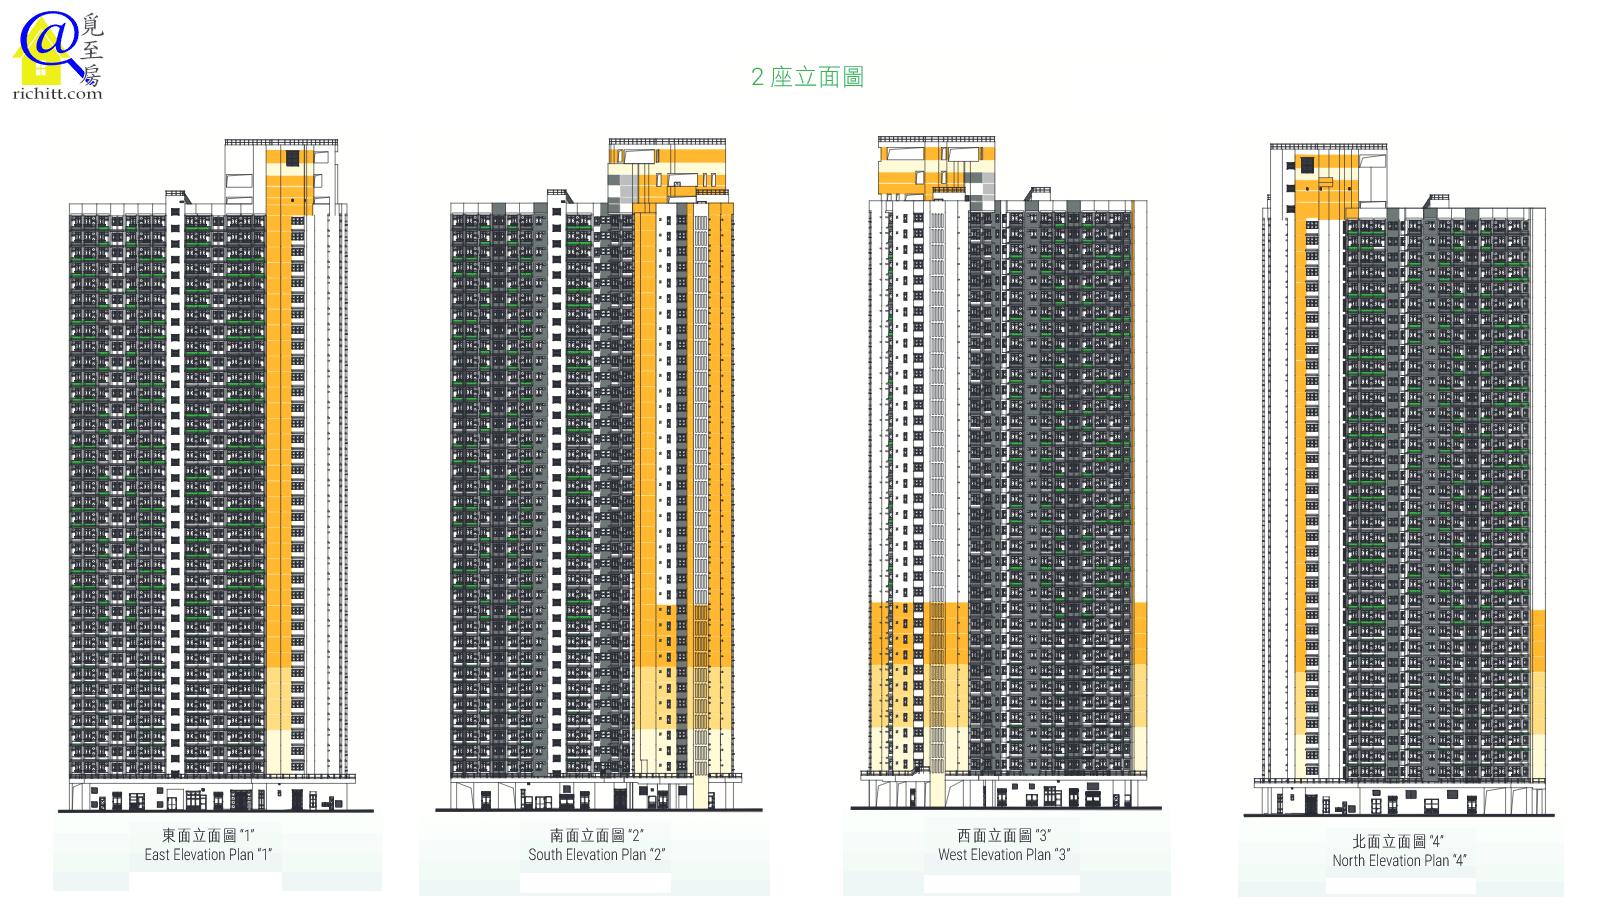 麗翠苑 | Lai Tsui Court - 香港房委發展的香港長沙灣綠置居項目 | 覓至房